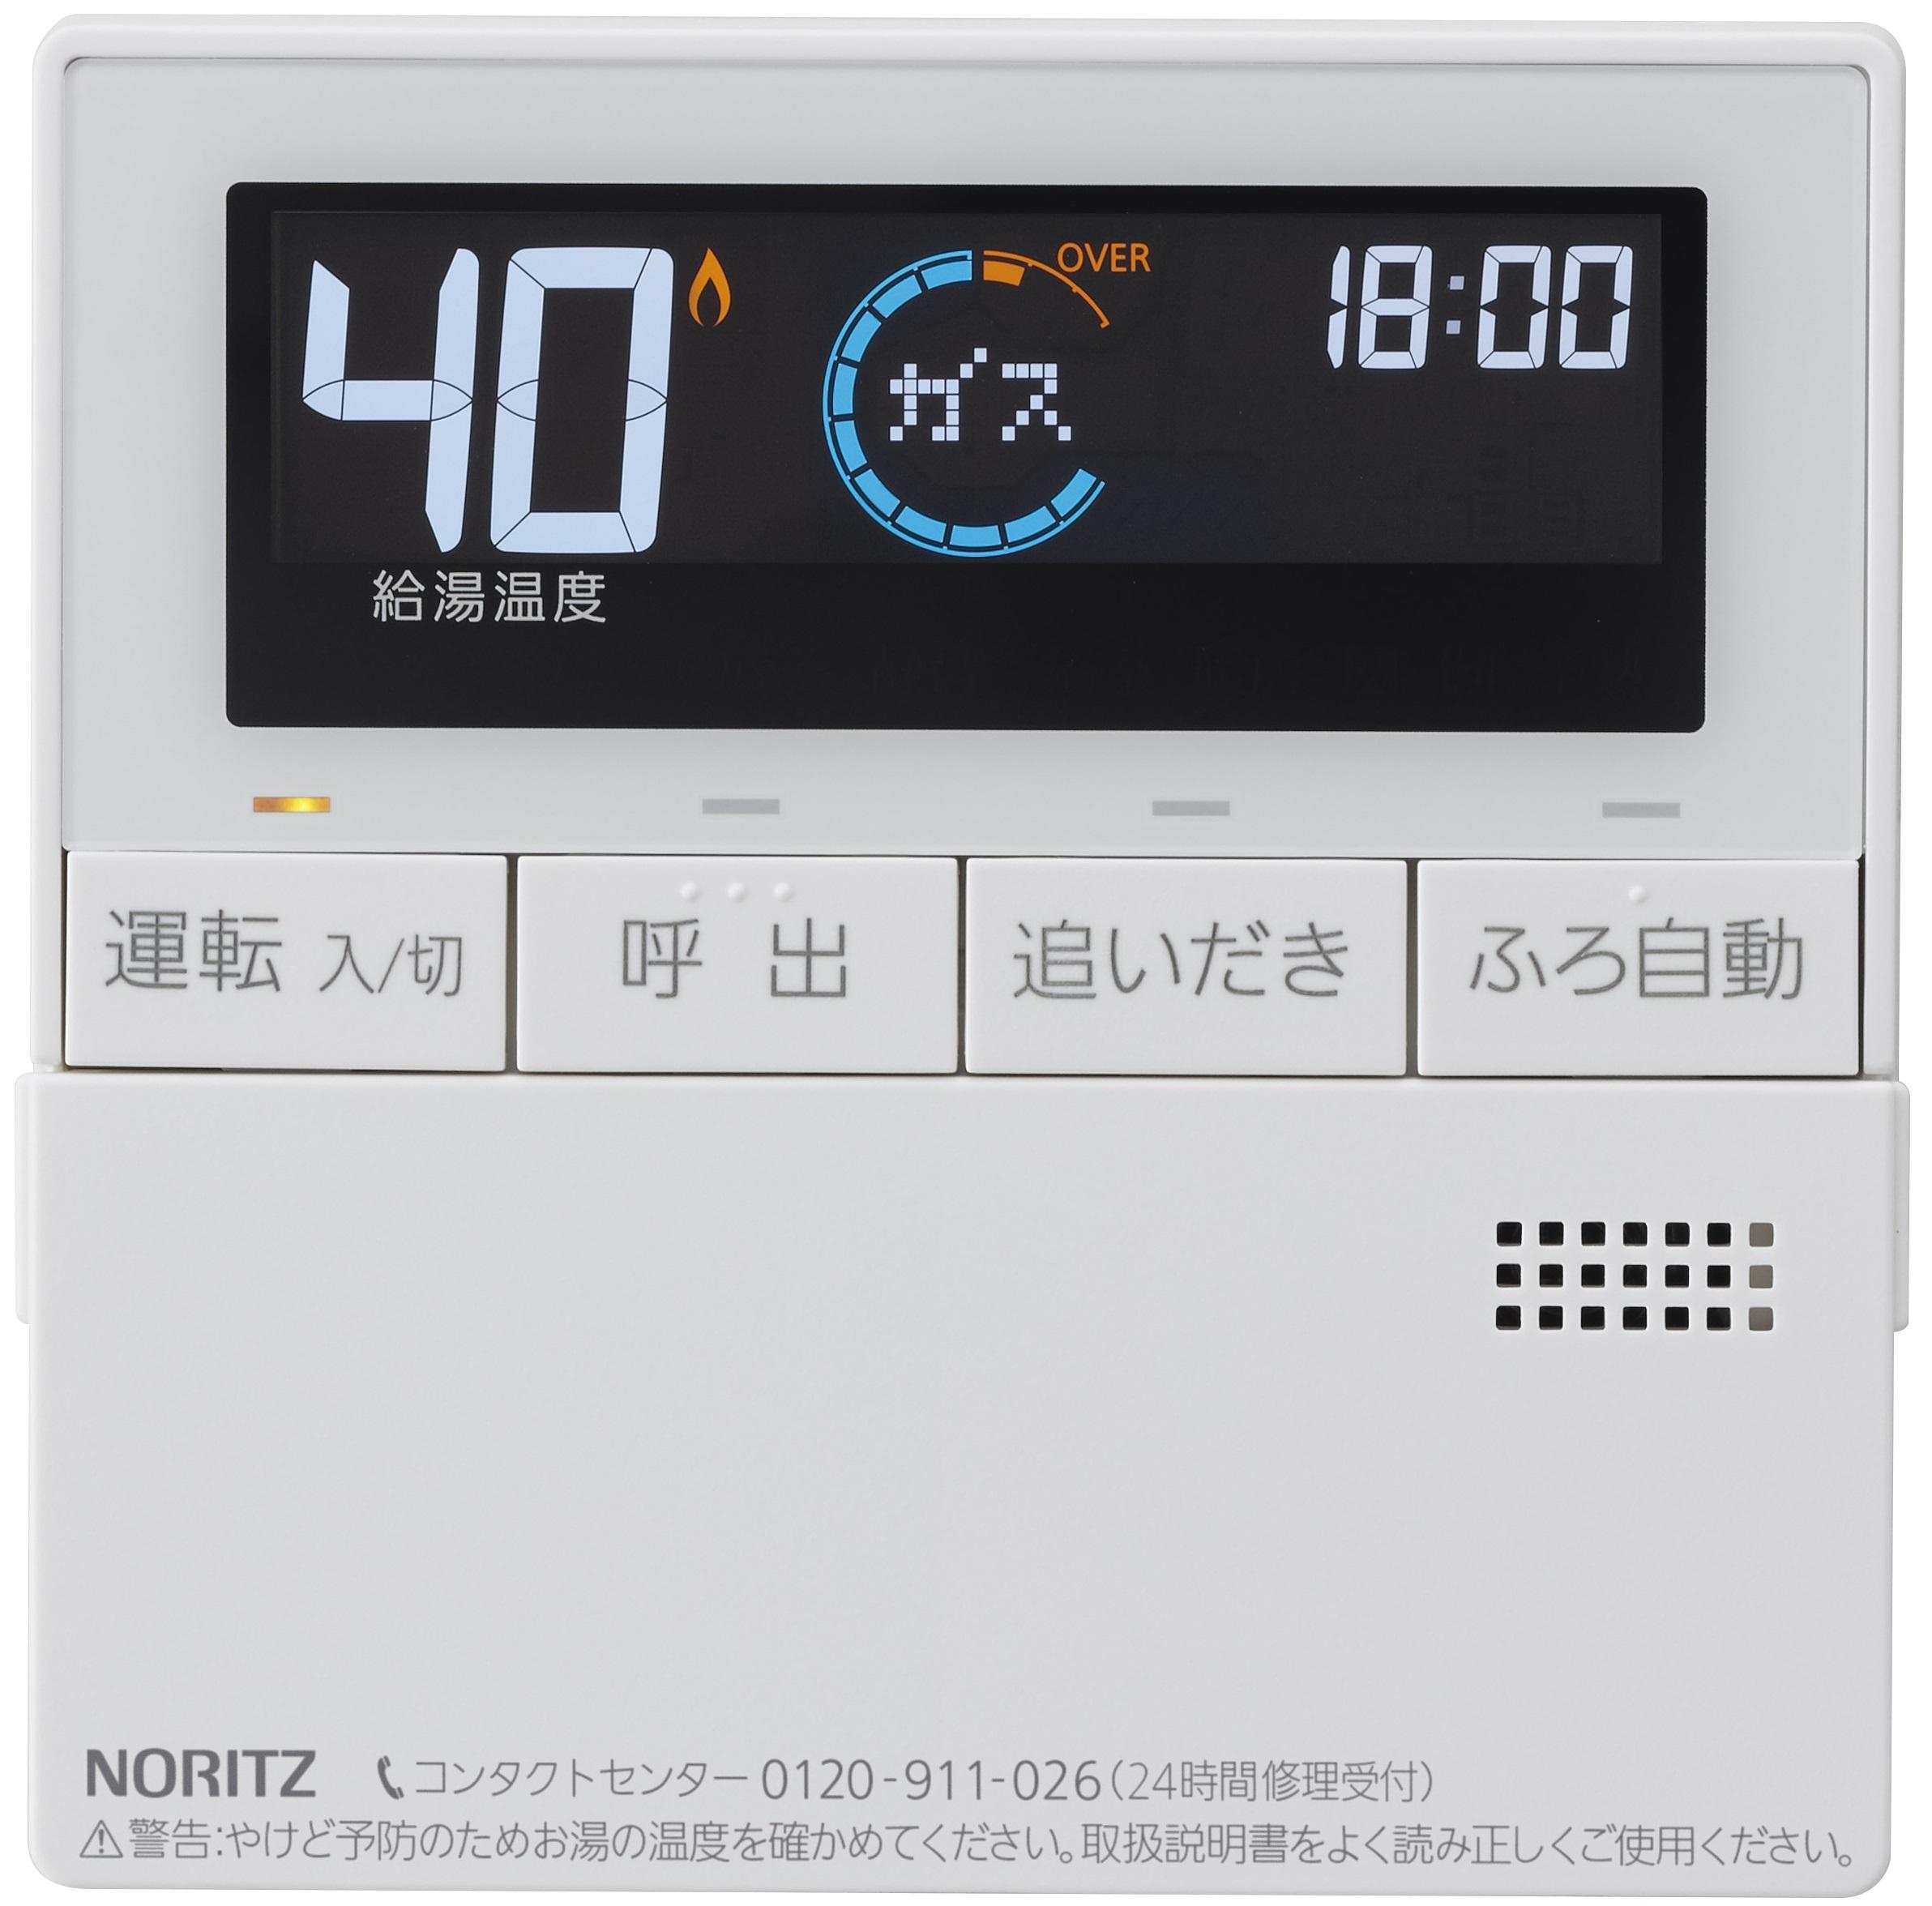 ノーリツ PS扉内設置型 暖房機能付(TESシステム)従来タイプ